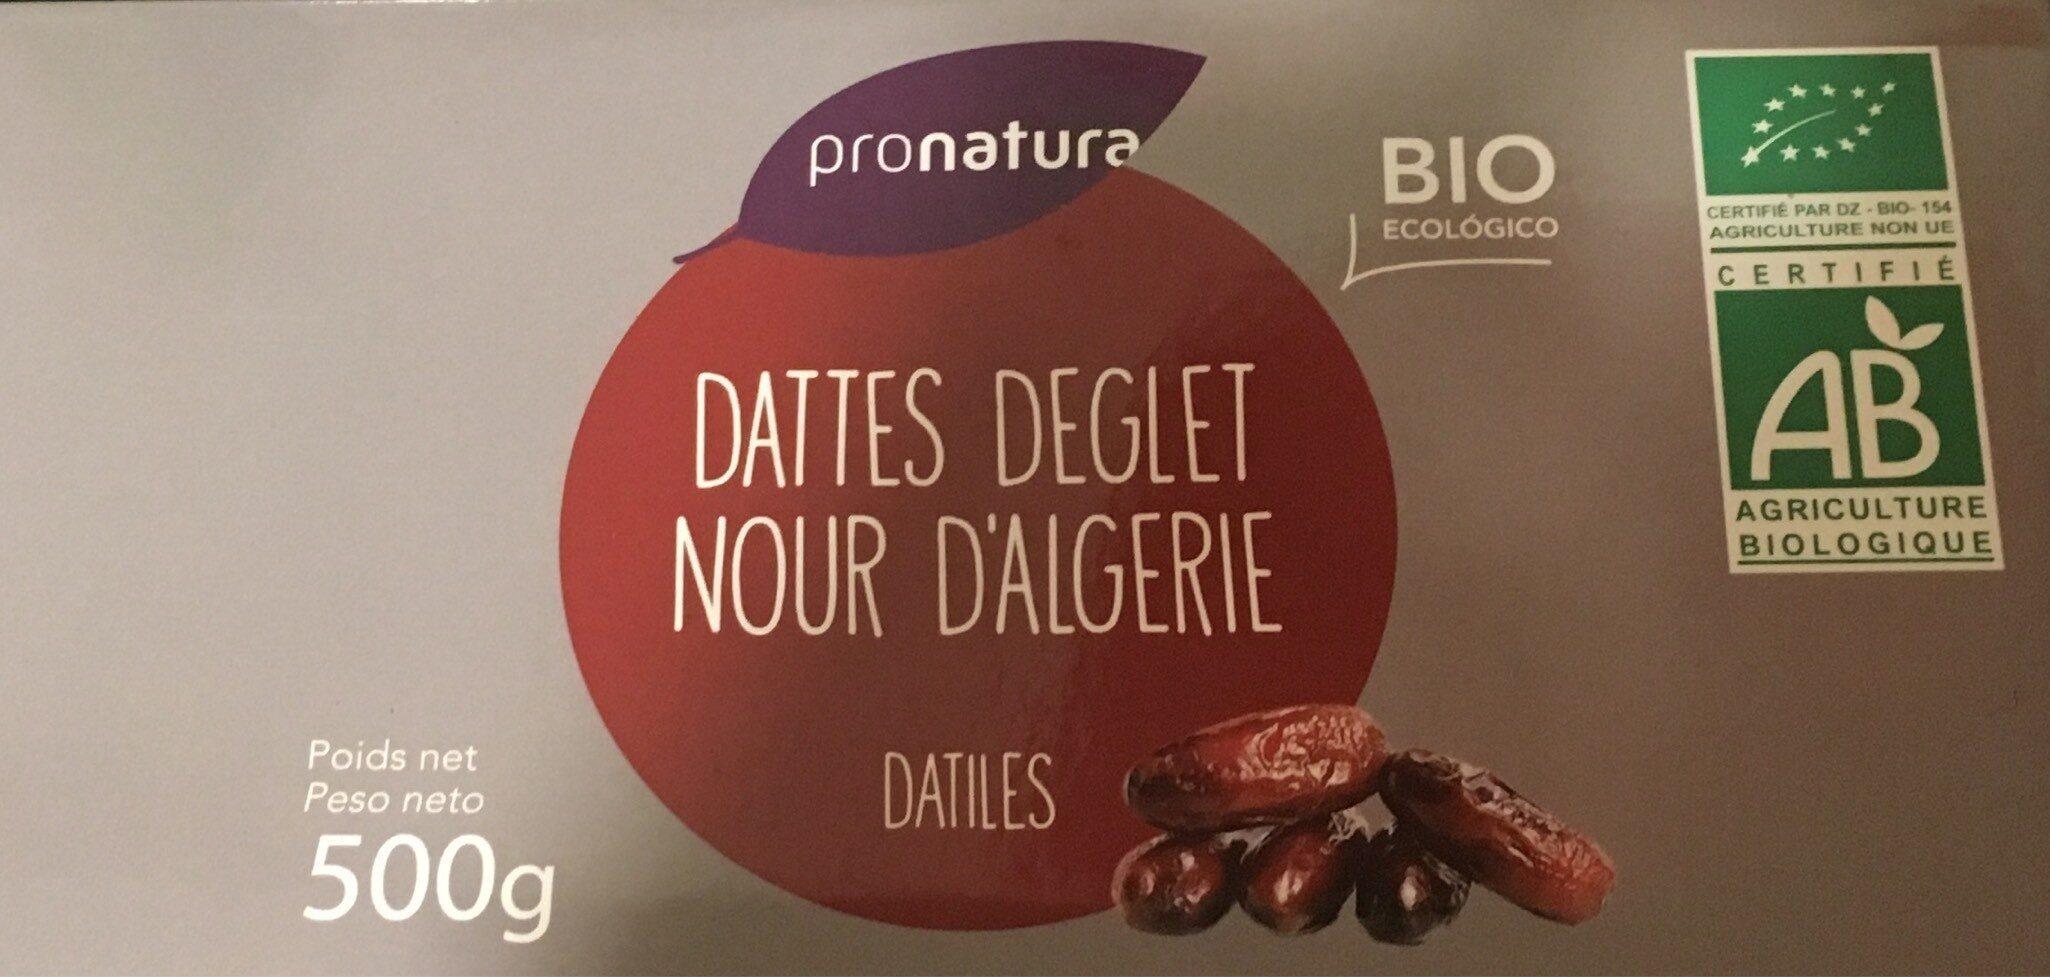 Dattes Deglet Nour D'Algerie - نتاج - fr